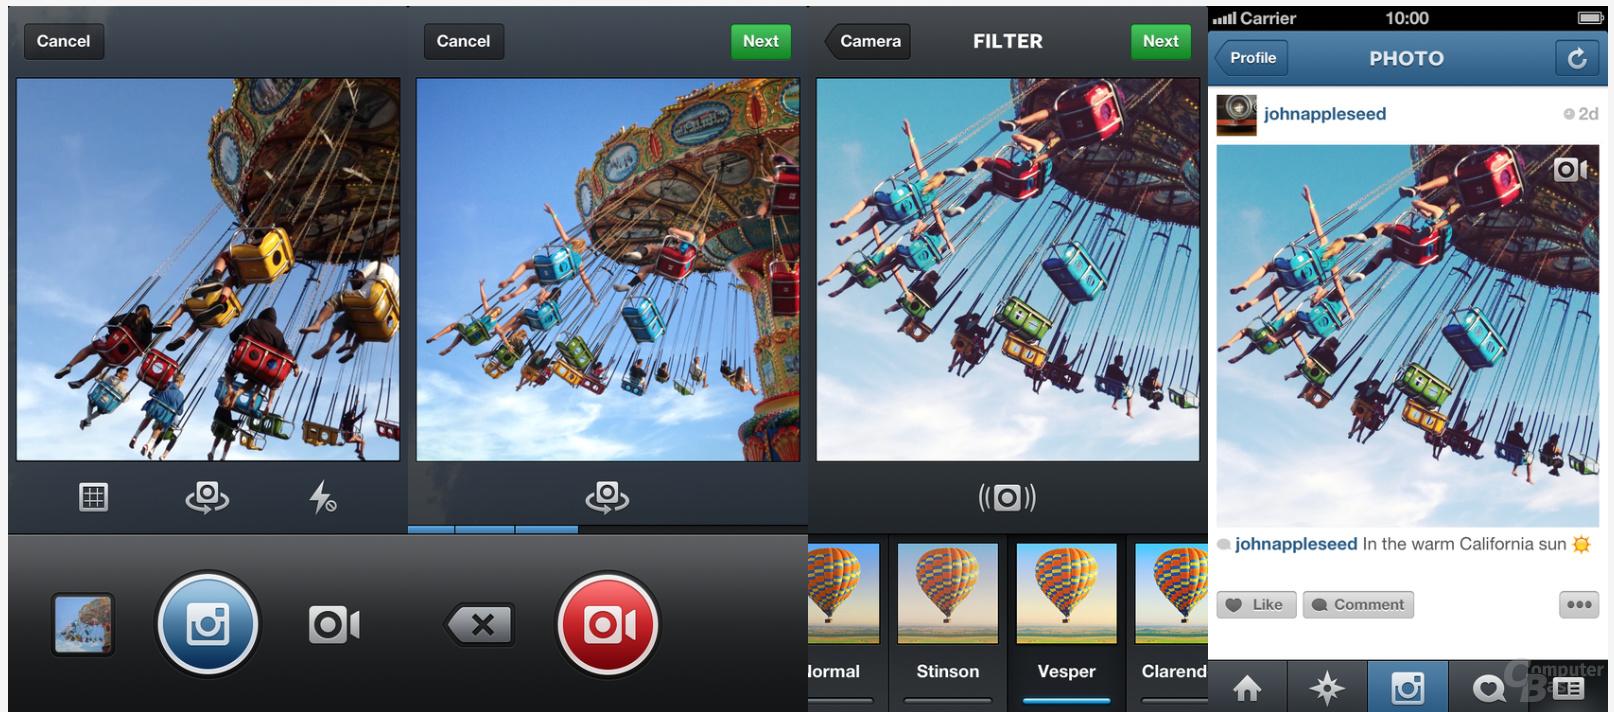 Instagram 4.0 für iOS